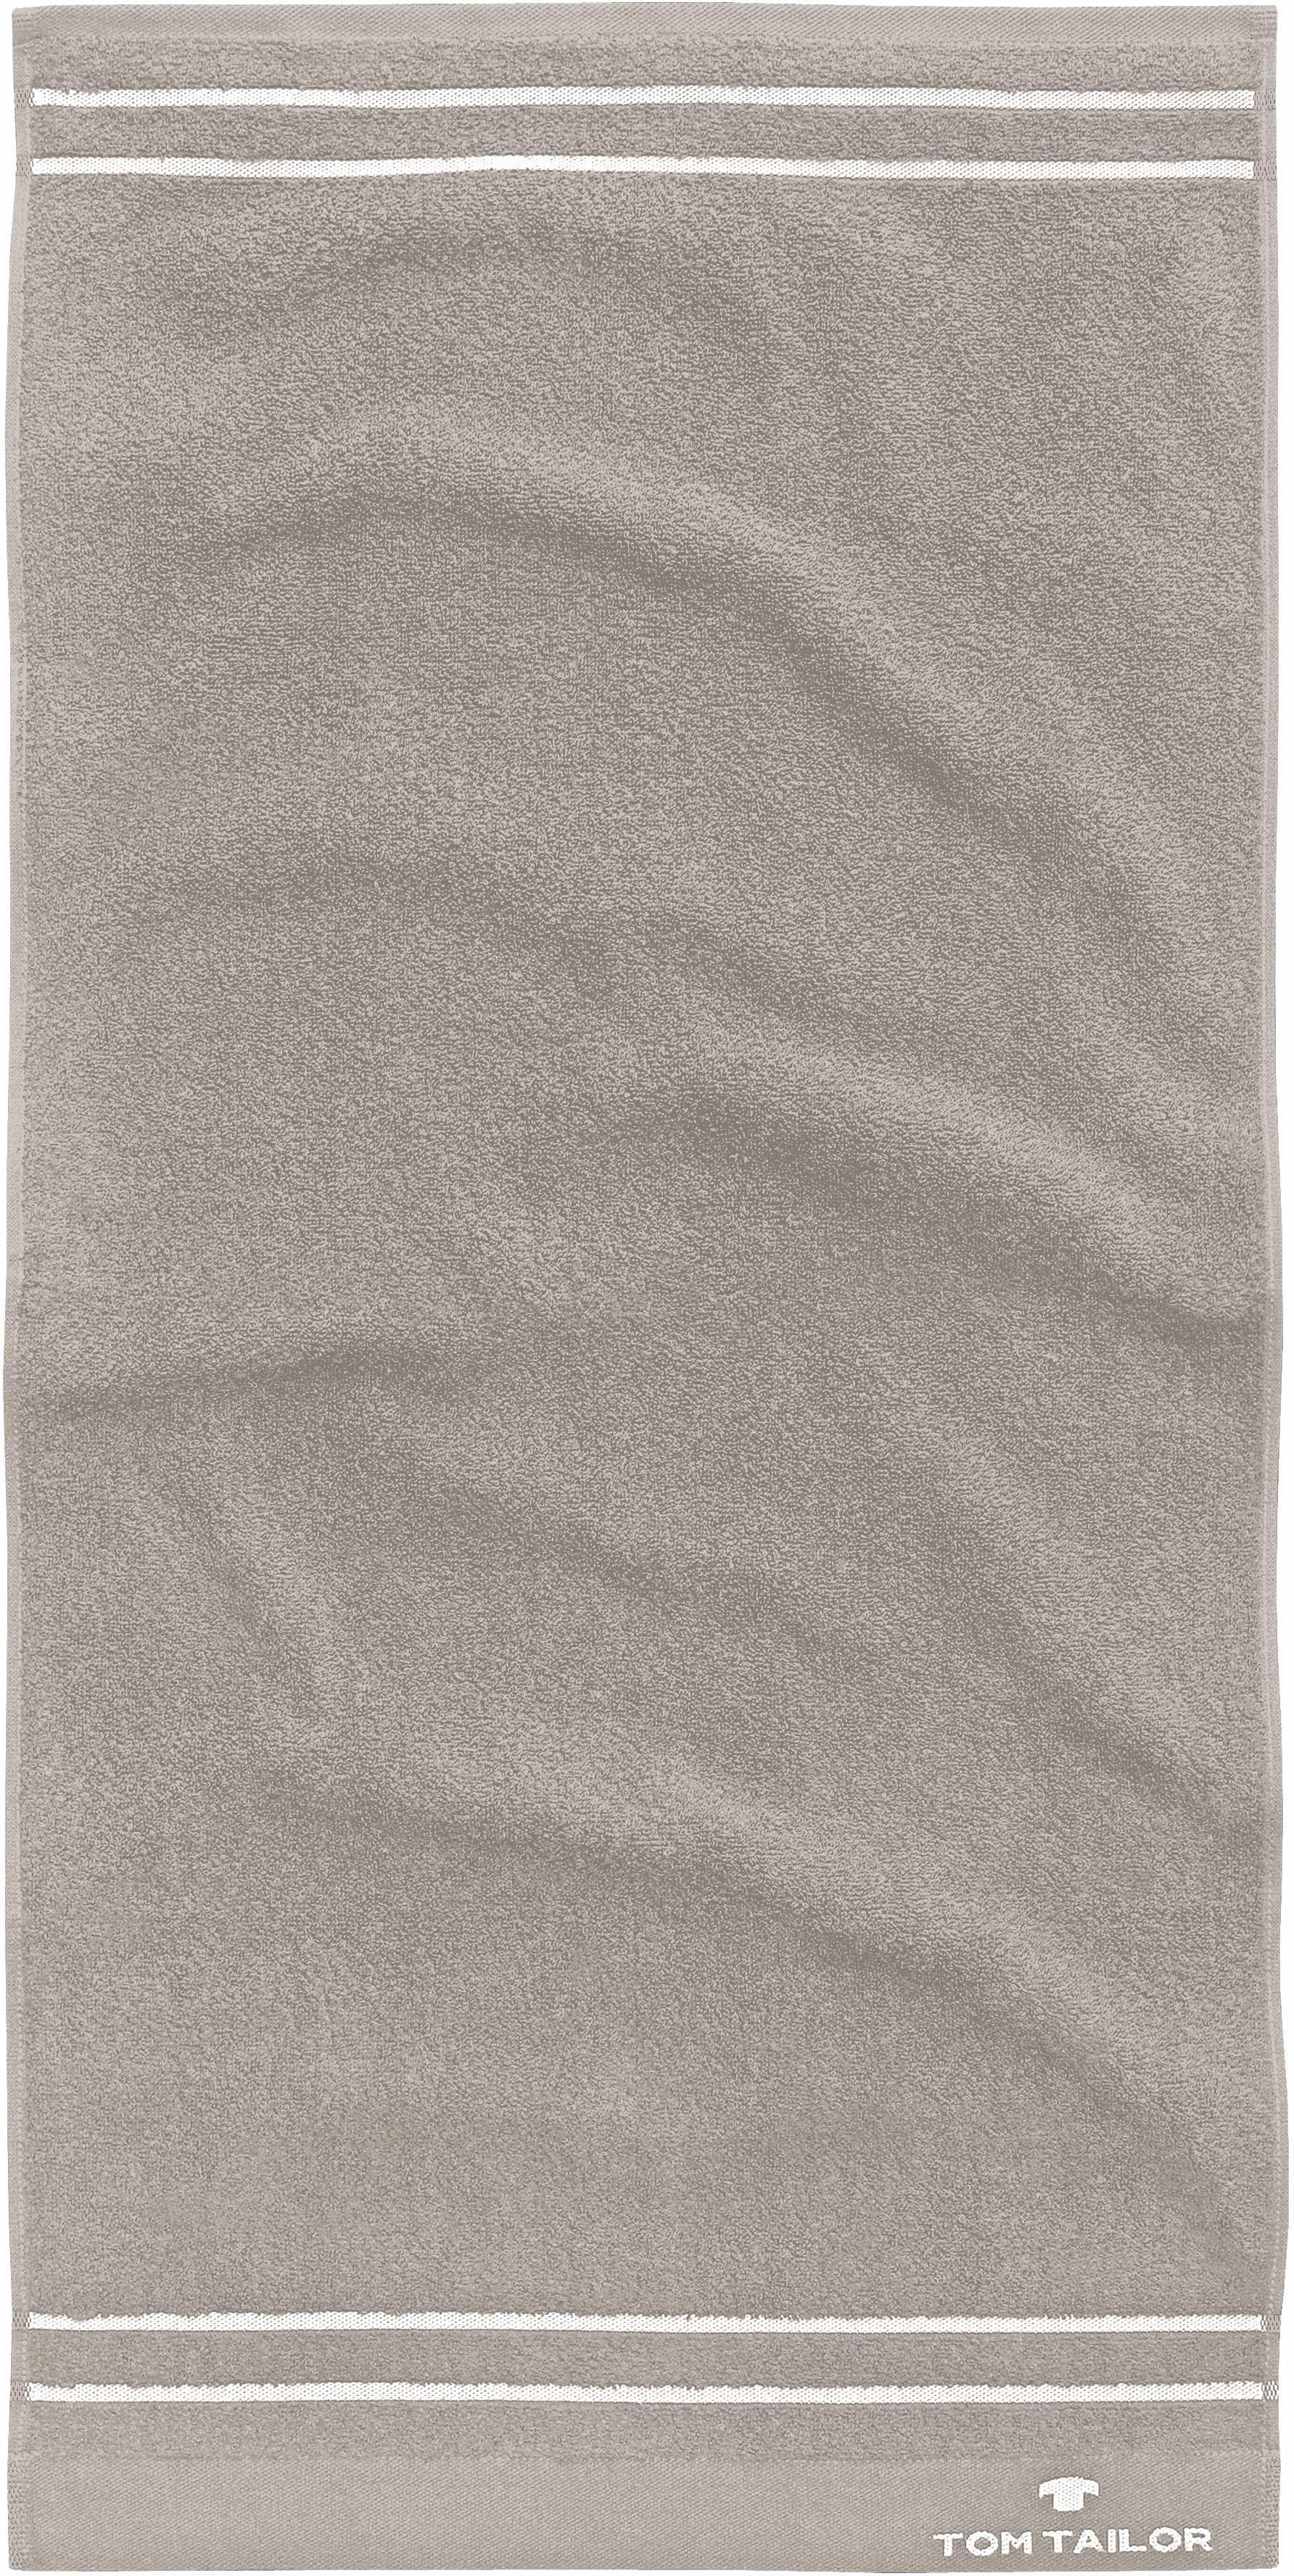 Badetuch Tom Tailor Uni Stripes mit Streifen ausgestattet